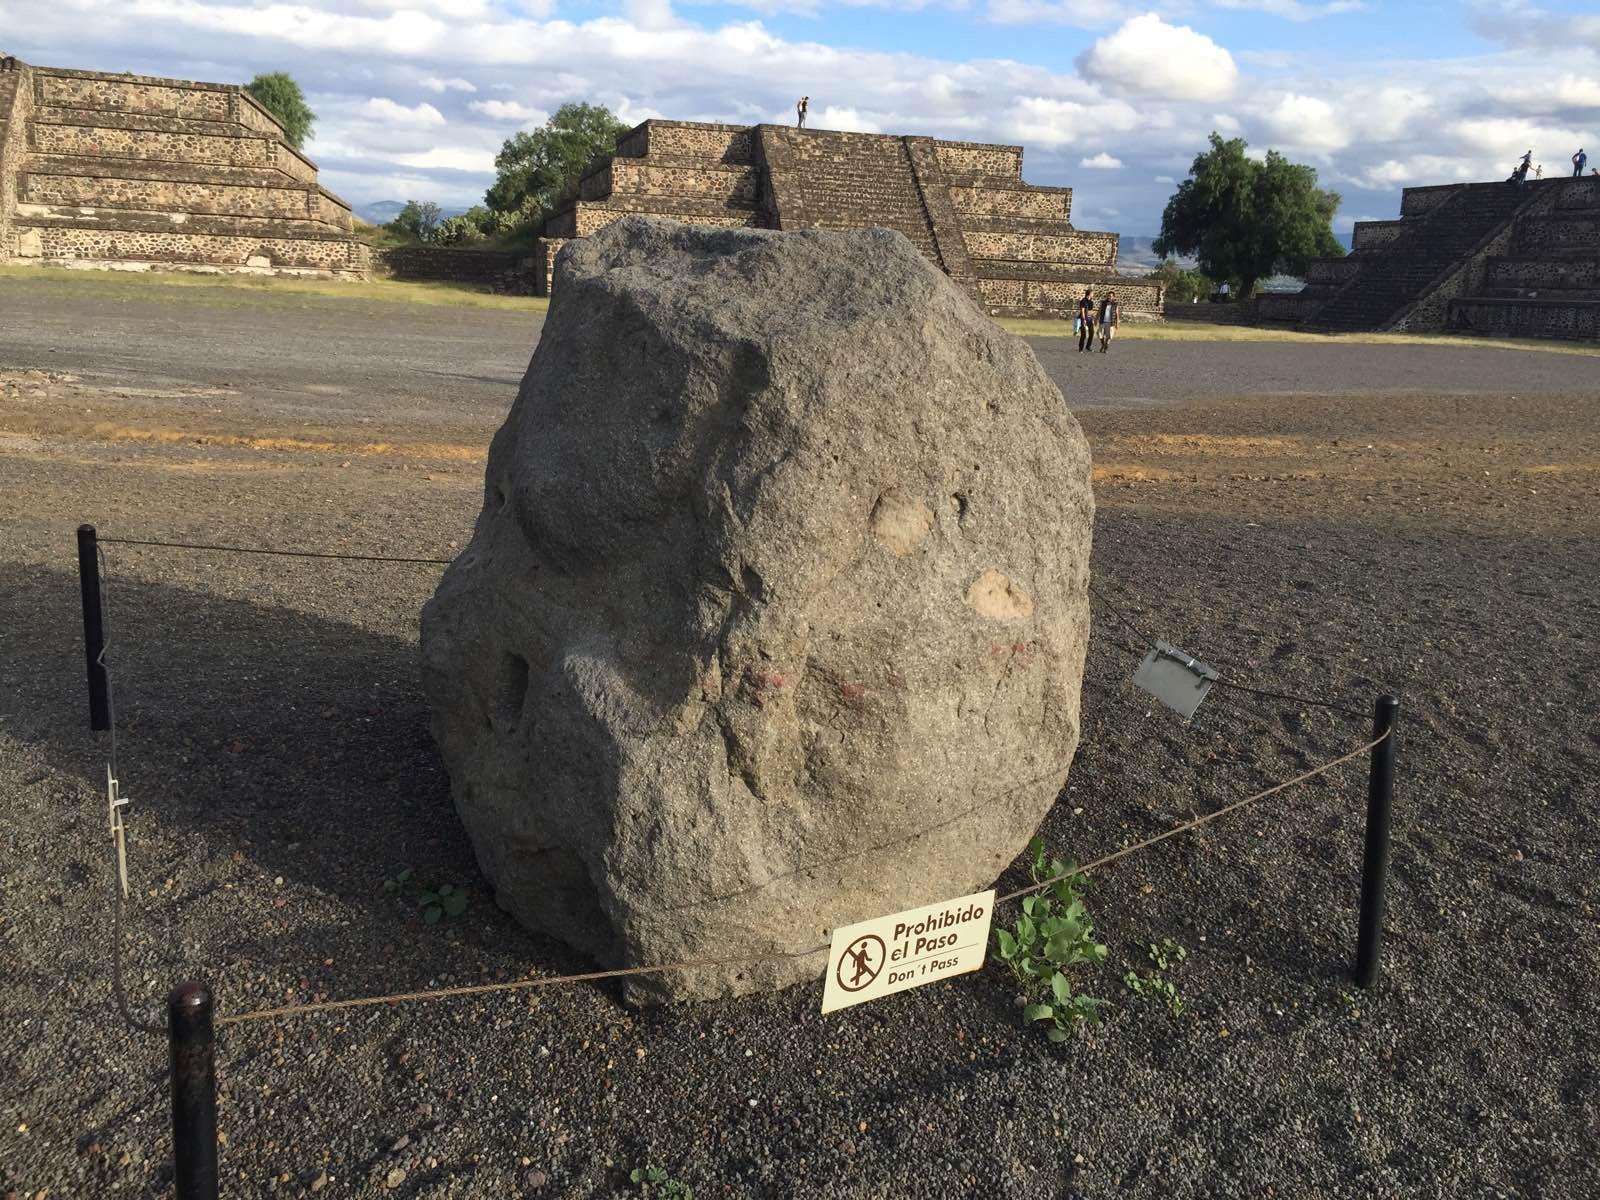 月亮金字塔广场上的石雕已经面目全非